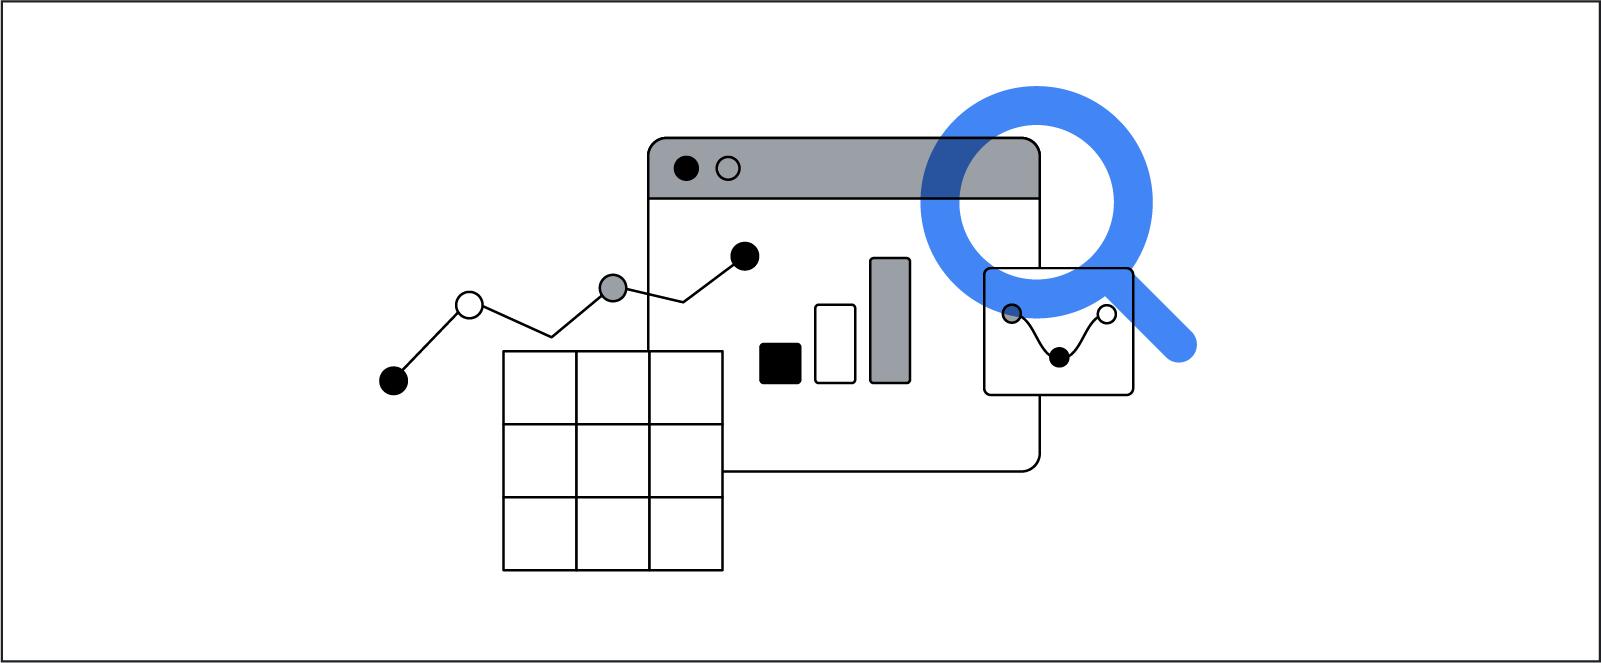 Міжплатформова аналітика — запорука довготривалого успіху: думка провідних маркетологів